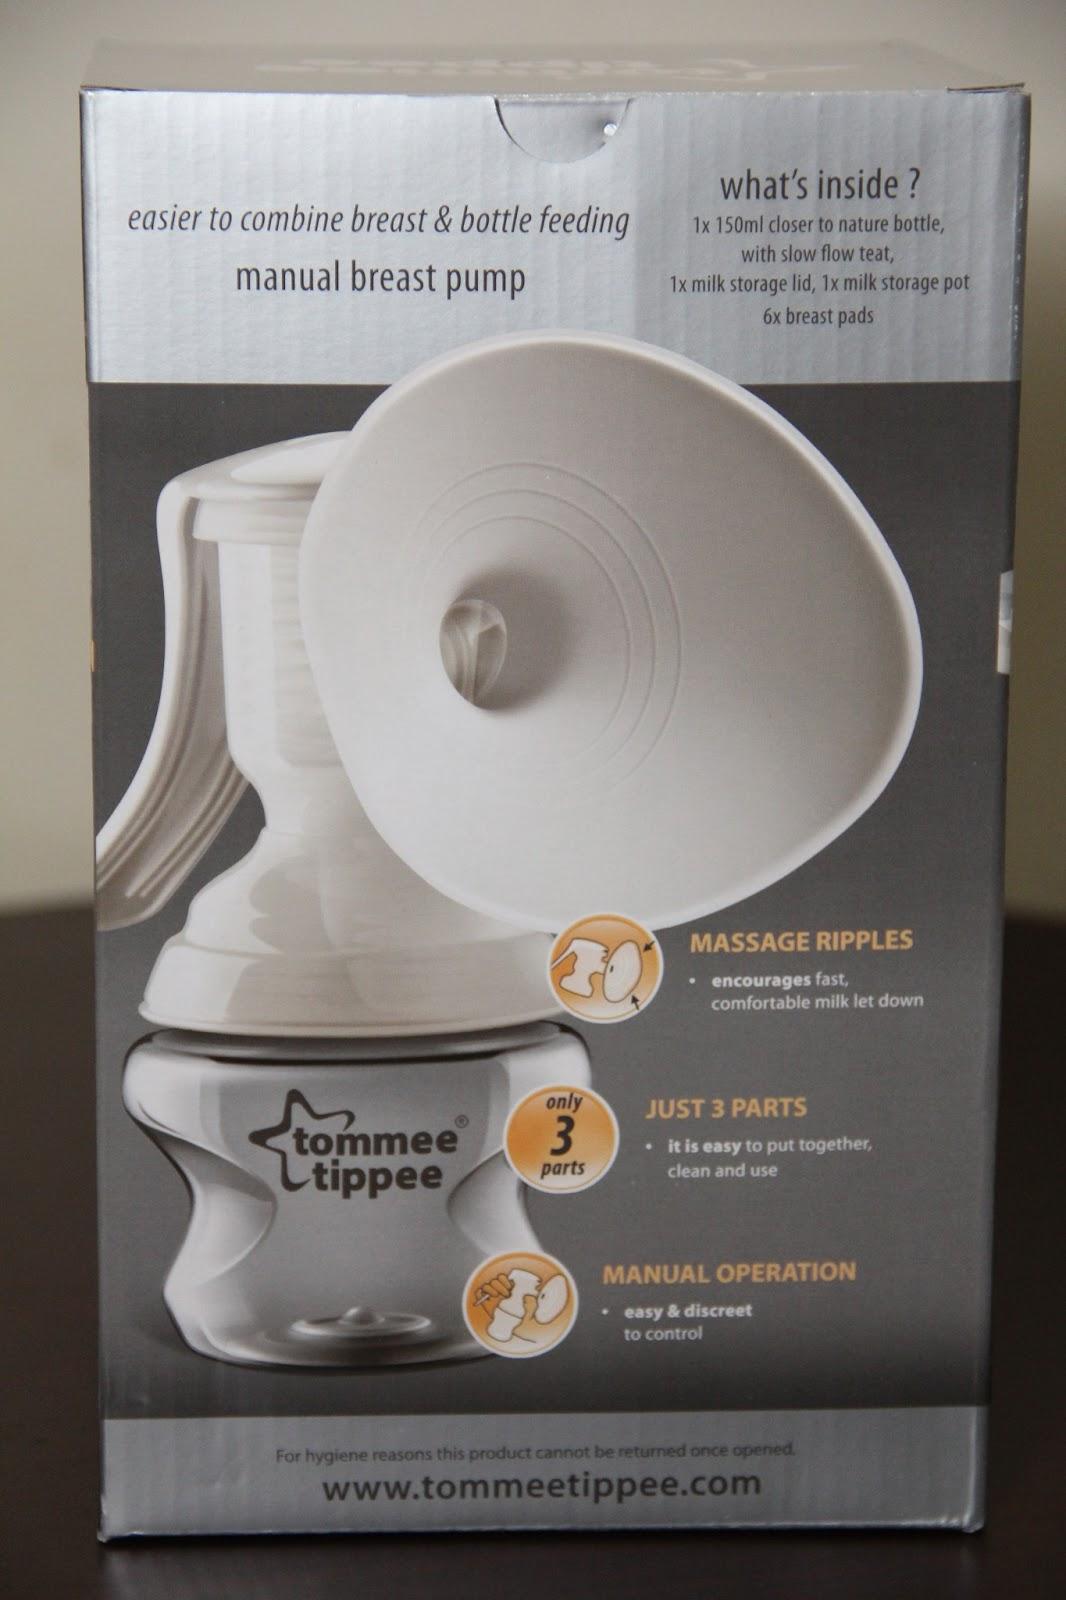 tommee tippee manual breast pump price